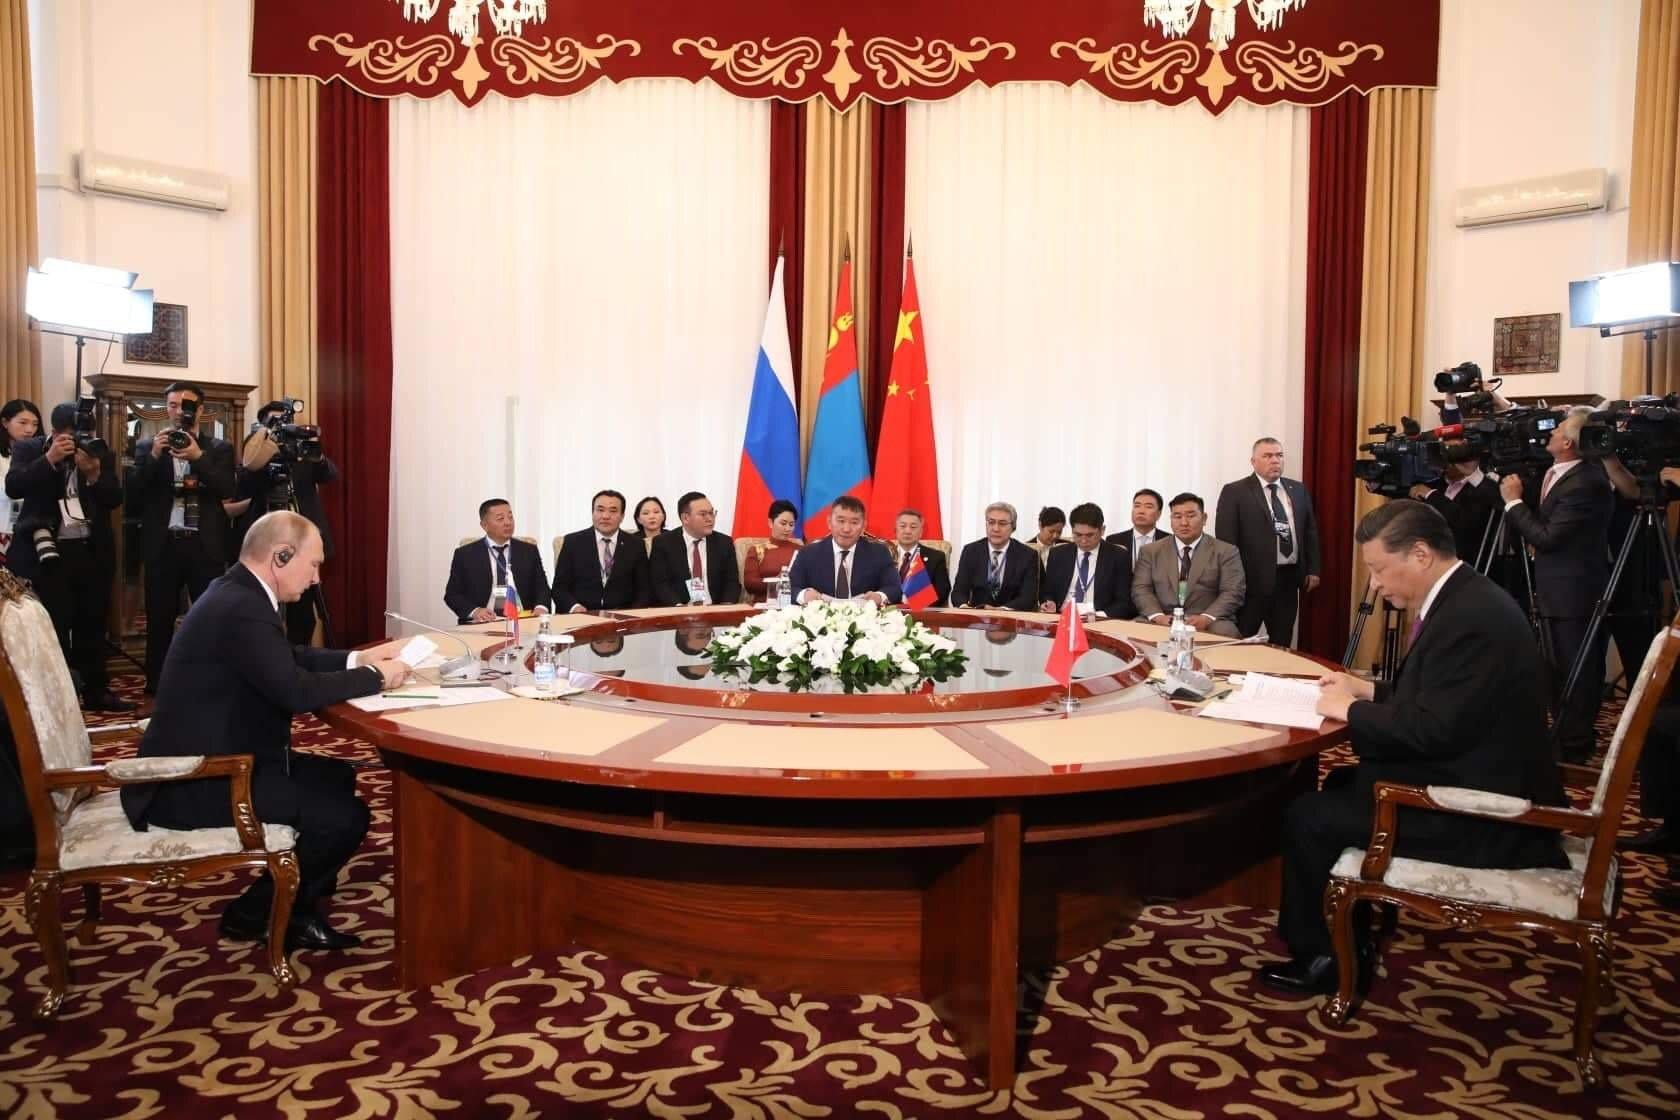 Монгол Улсын Ерөнхийлөгч Х.Баттулга Монгол Улс, ОХУ, БНХАУ-ын төрийн тэргүүн нарын тав дахь удаагийн дээд хэмжээний уулзалтыг даргалж, үг хэллээ